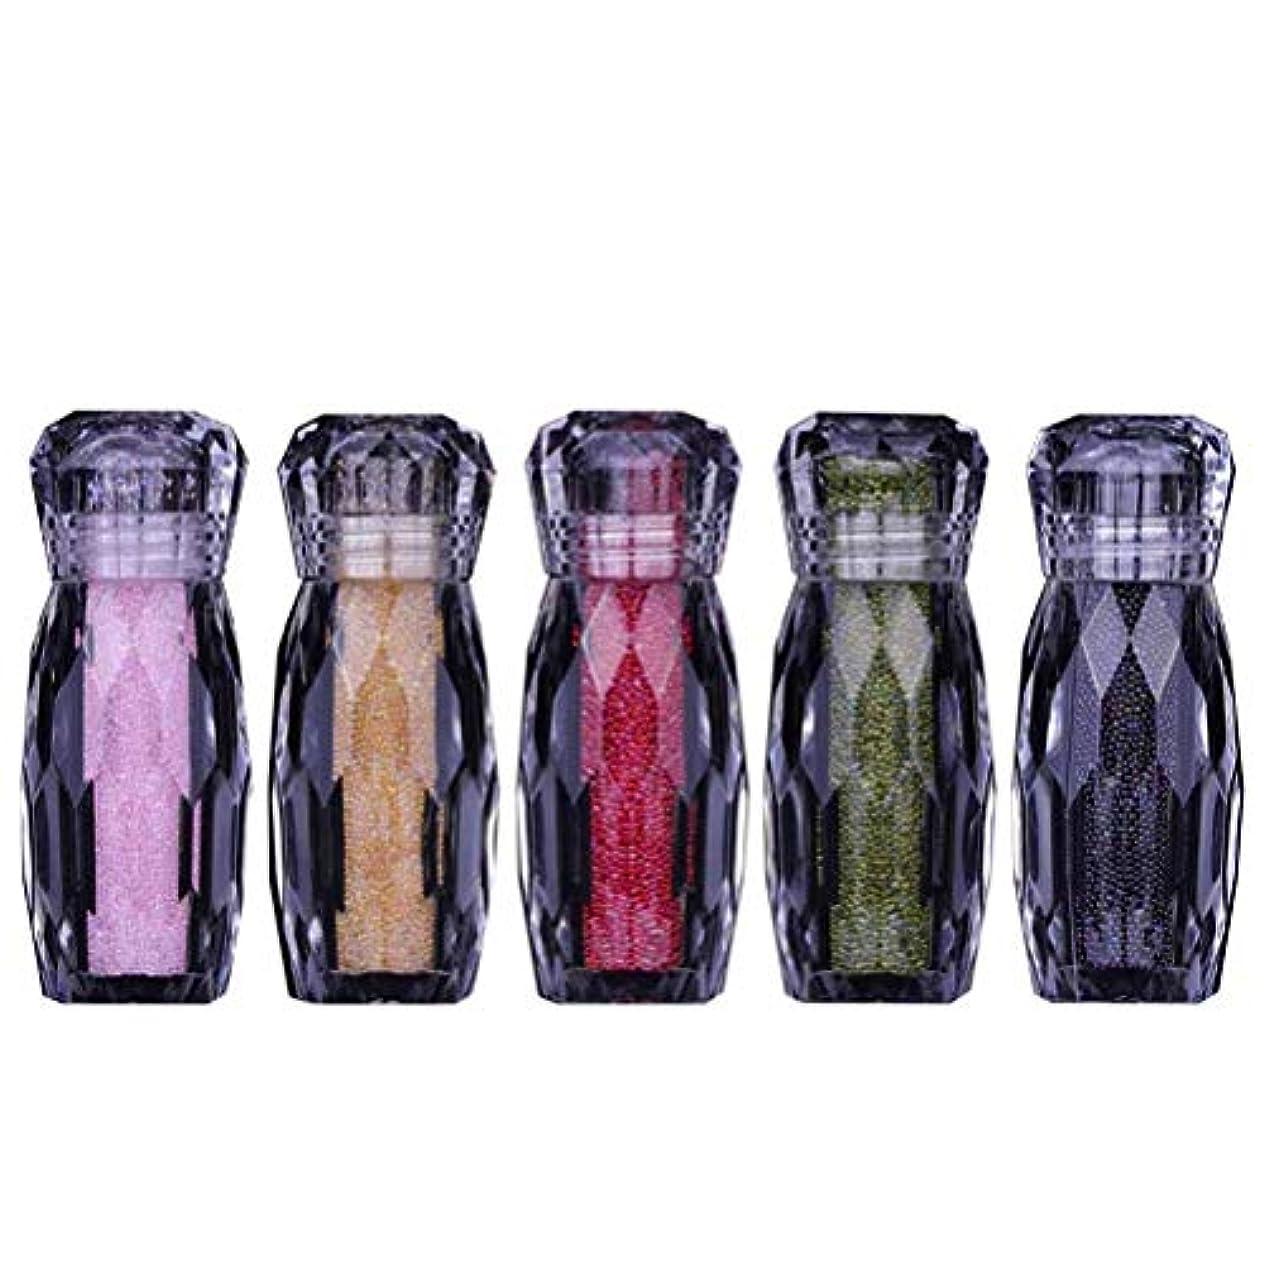 なぜなら一過性満了Lurrose 5ピースネイルアートラインストーンキットdiyの光沢のあるラインストーンダイヤモンドビーズ用ネイルアートの装飾用品